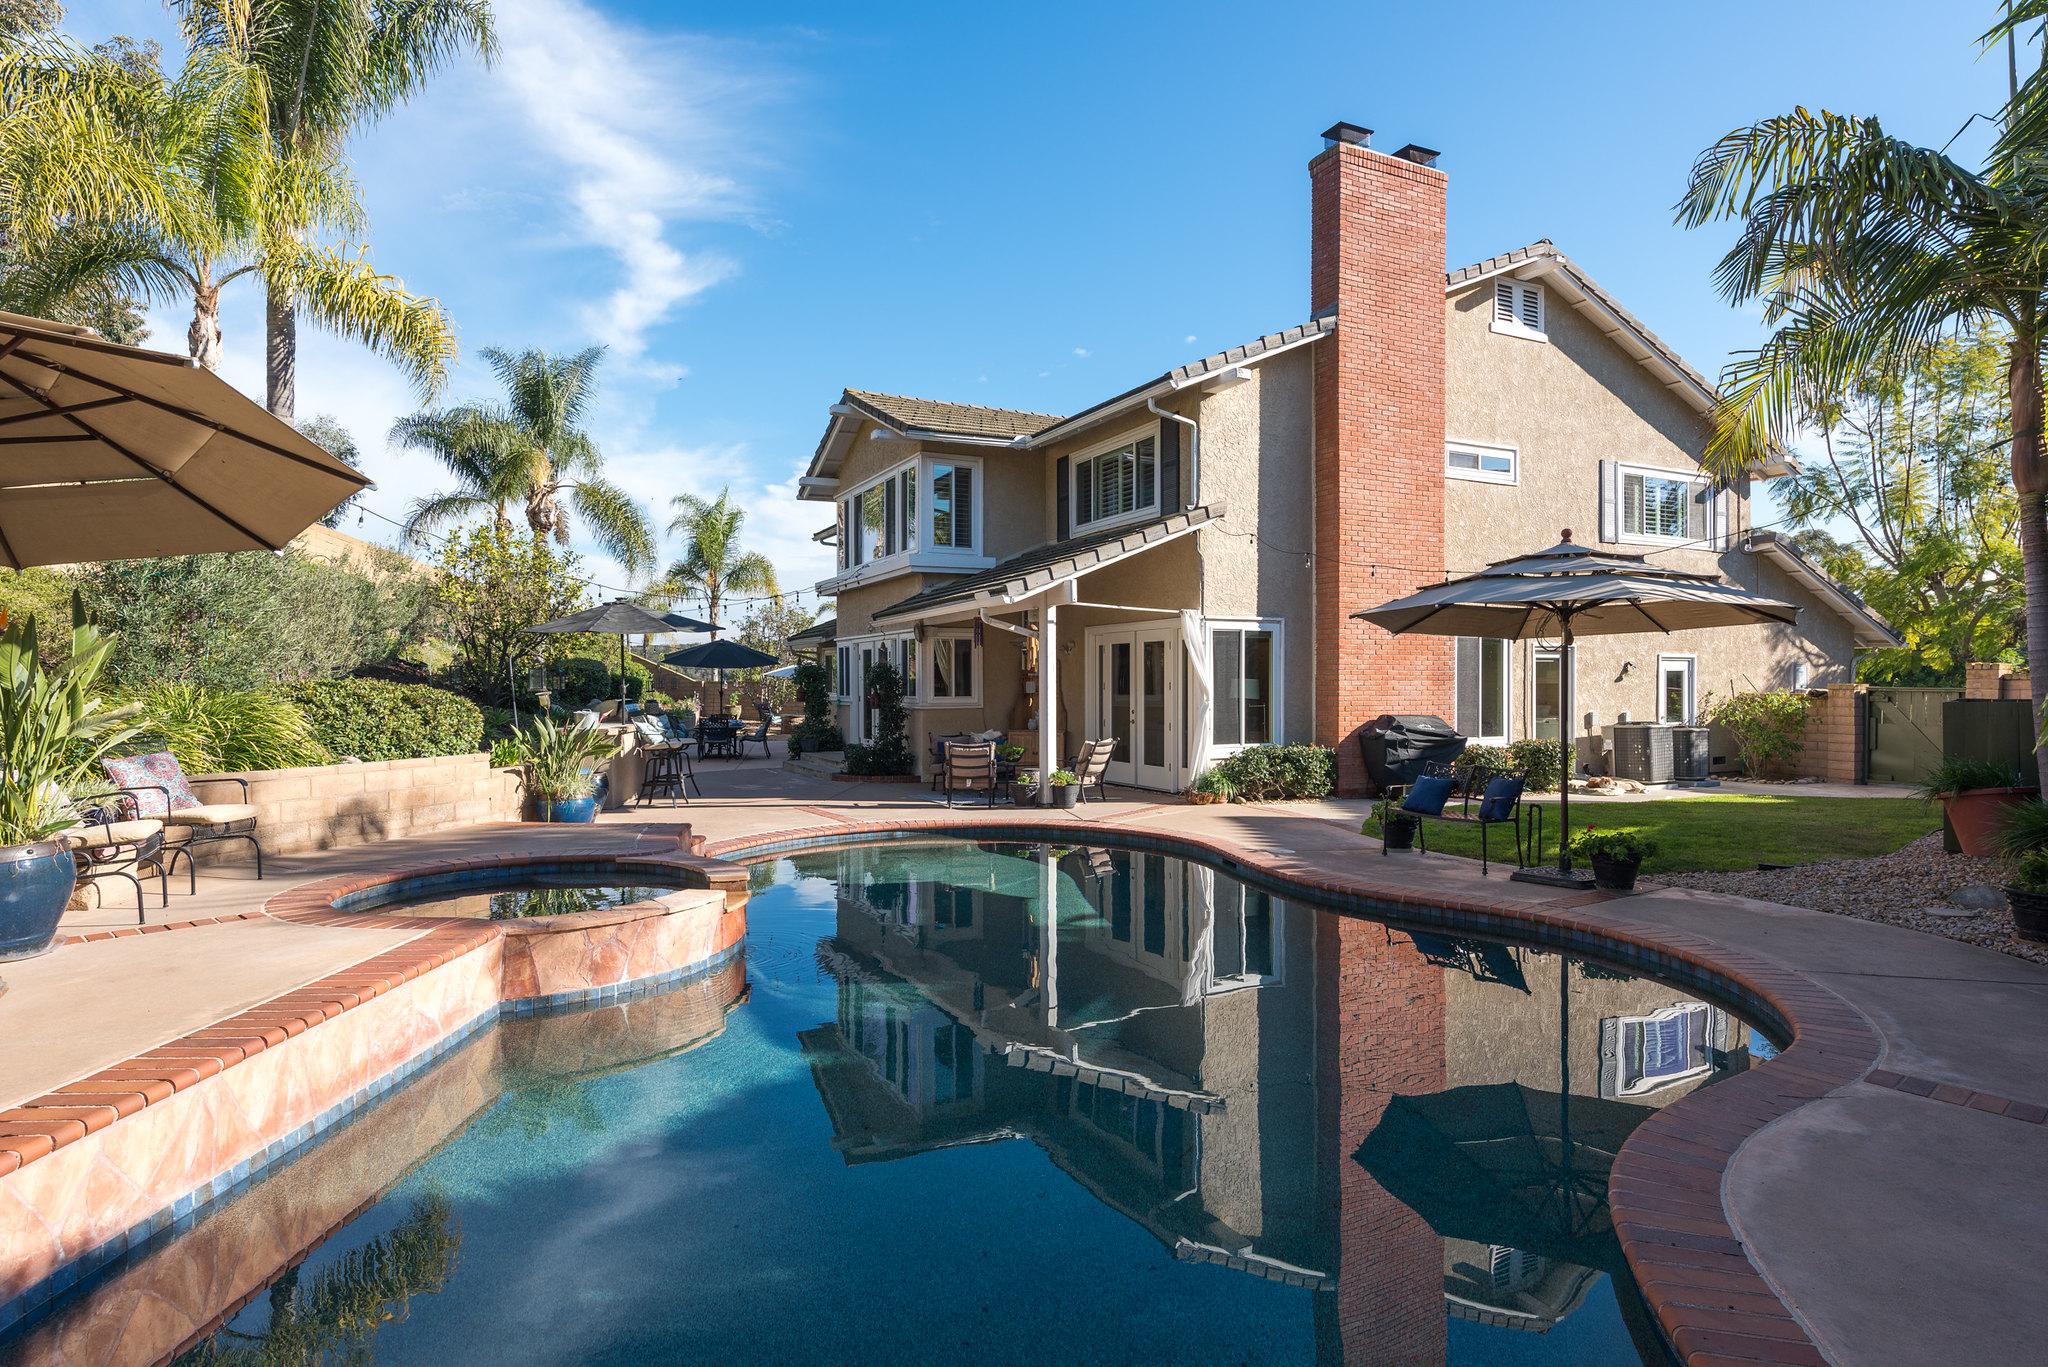 12264 Rue Marabelle, Scripps Ranch, San Diego, CA 92131